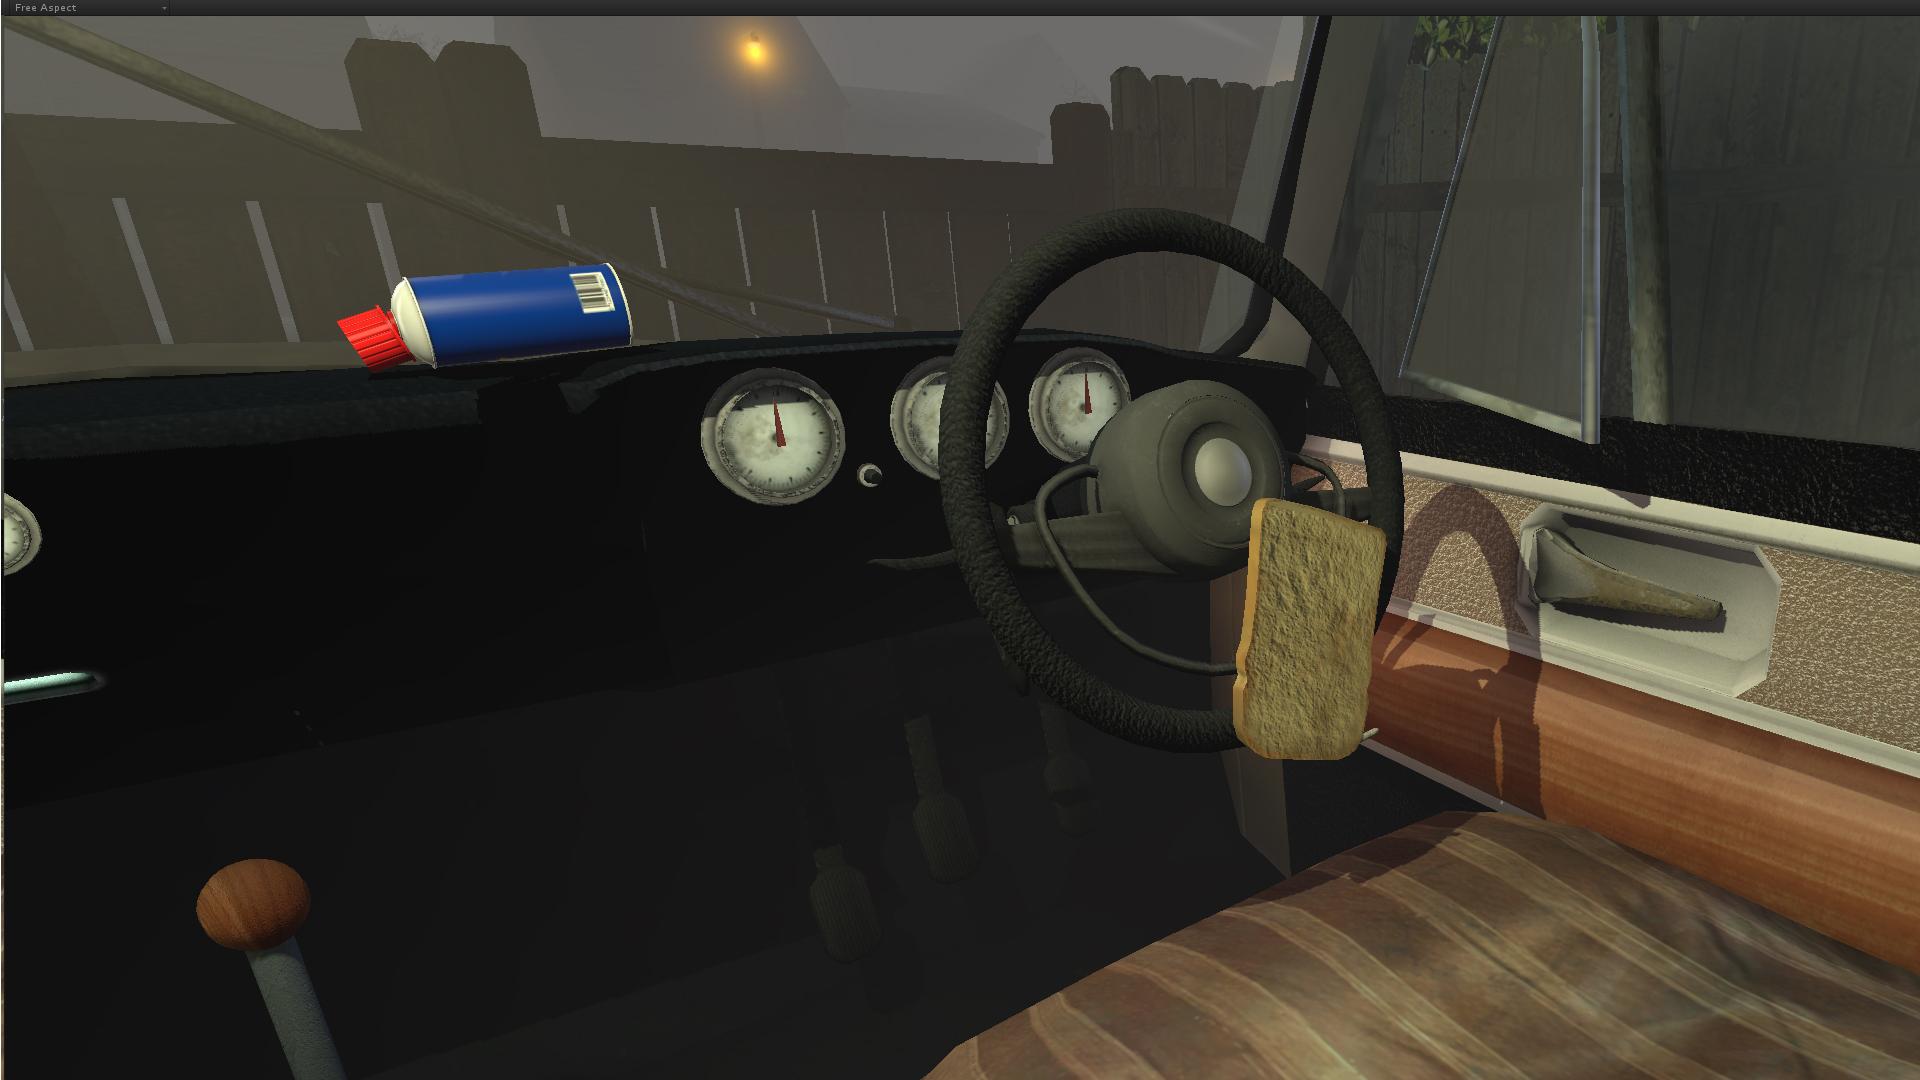 Скачать игру симулятор хлебушка на андроид